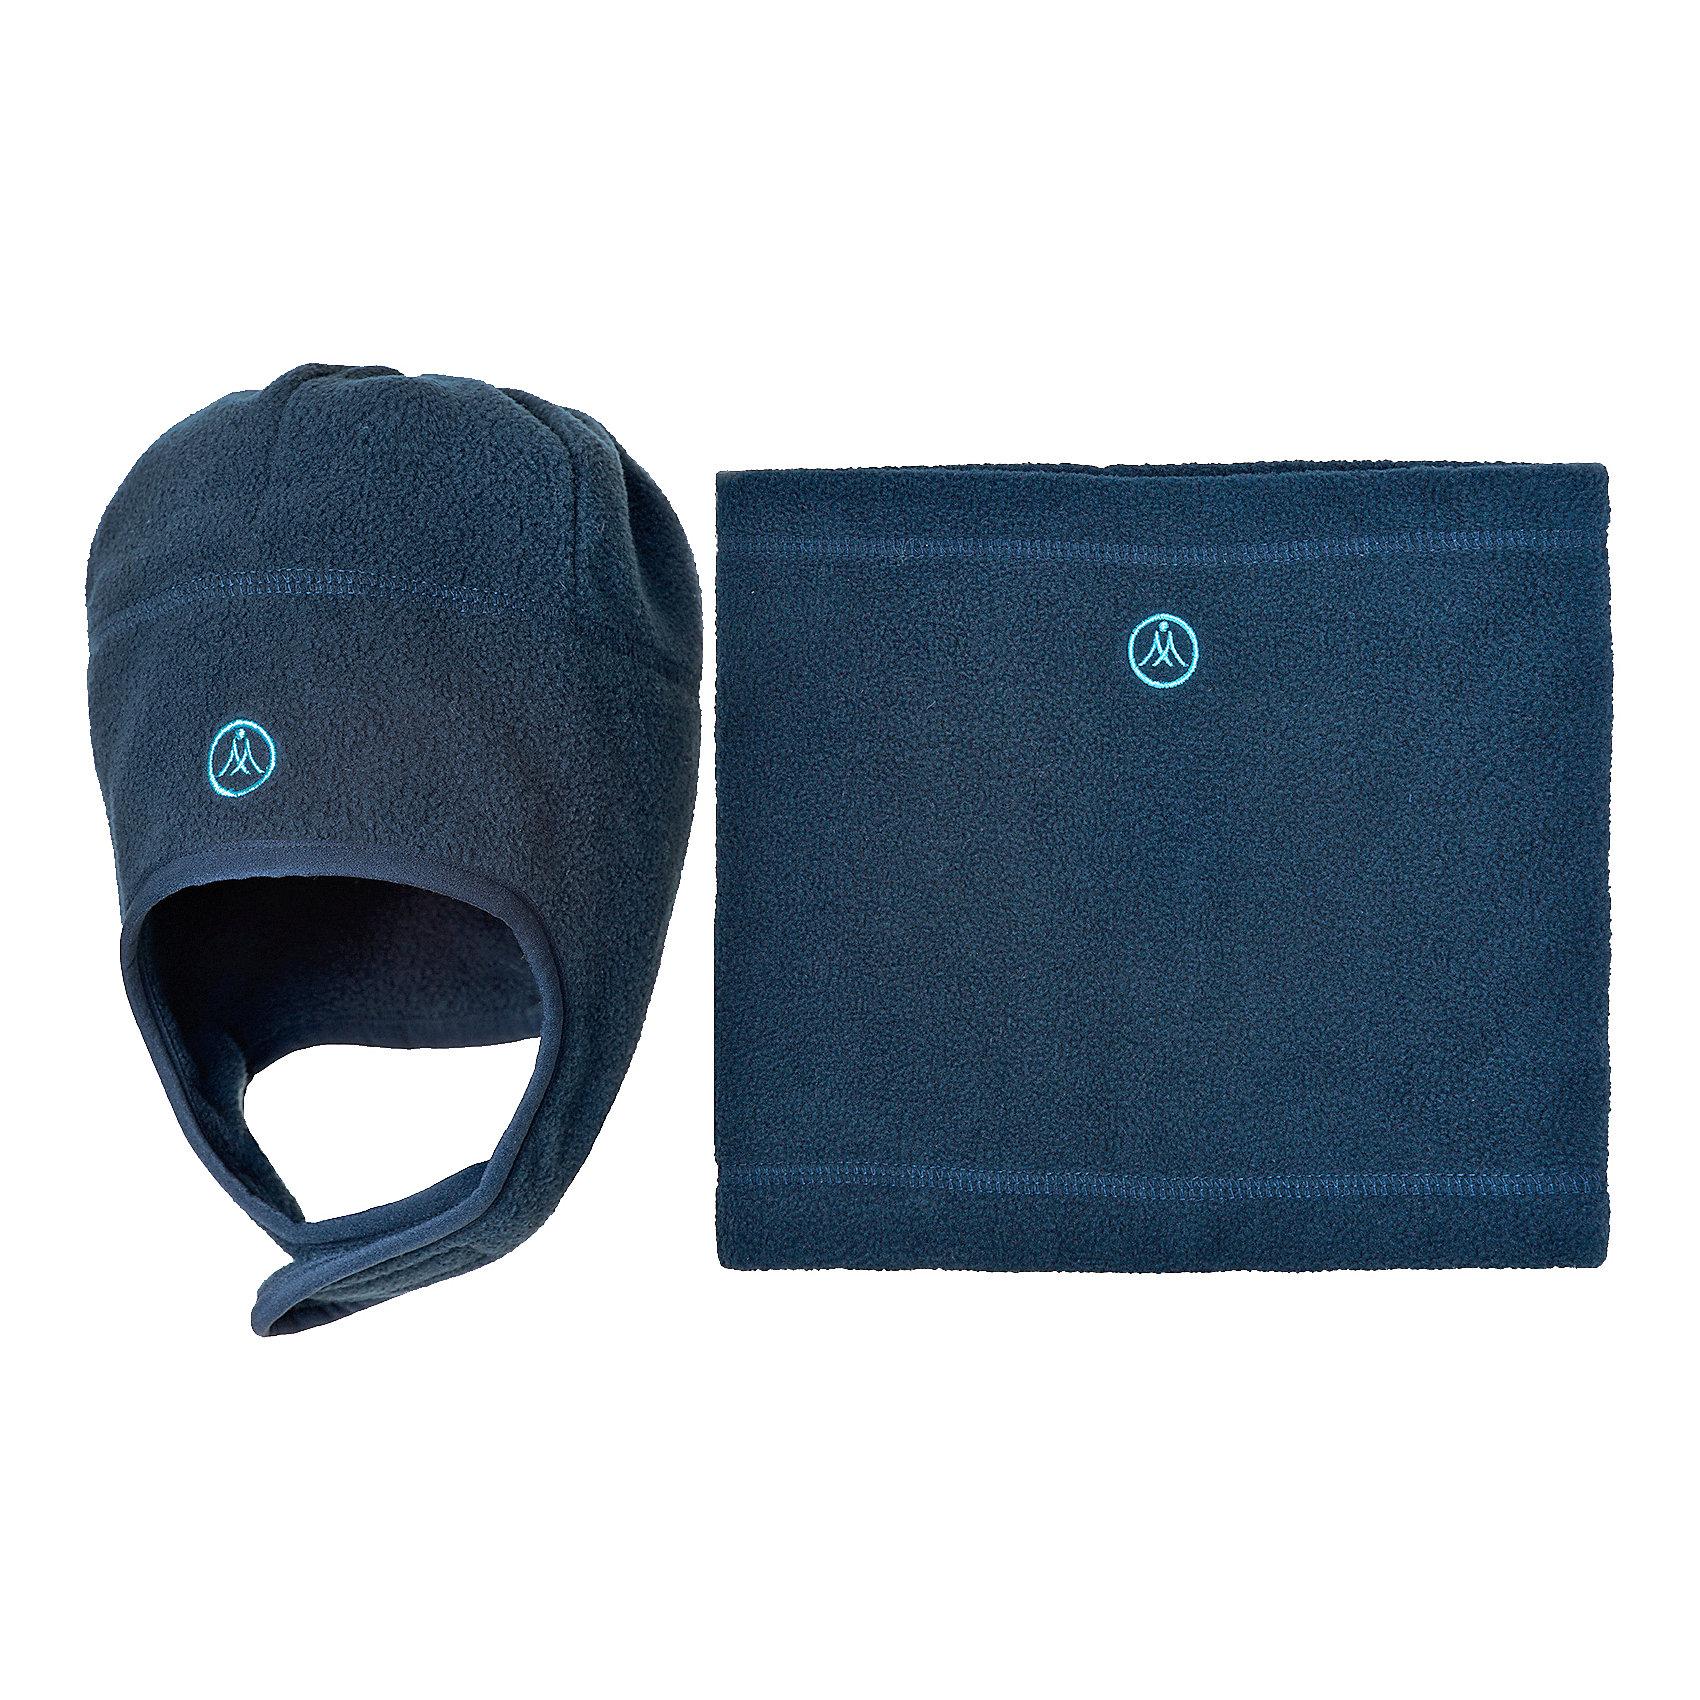 Комплект: шапка и шарф Premont для мальчикаГоловные уборы<br>Характеристики товара:<br><br>• цвет: синий<br>• комплектация: шапка и шарф <br>• состав ткани: флис, Polar fleece<br>• подкладка: флис, Polar fleece<br>• сезон: демисезон<br>• температурный режим: от -10 до +5<br>•  двойной флис в зоне ушей и лба<br>• застежка: липучка<br>• страна бренда: Канада<br>• страна изготовитель: Китай<br><br>Практичный детский комплект сшит из мягкого теплого флиса. Модный зимний комплект для ребенка состоит из оригинальной шапки и шарфа-снуда. Детский теплый шарф-снуд и шапку ребенок легко наденет самостоятельно. В комплекте - двойной флис в зоне ушей и лба<br><br>Комплект: шапка и шарф для мальчика  Premont (Премонт) можно купить в нашем интернет-магазине.<br><br>Ширина мм: 89<br>Глубина мм: 117<br>Высота мм: 44<br>Вес г: 155<br>Цвет: синий<br>Возраст от месяцев: 60<br>Возраст до месяцев: 120<br>Пол: Мужской<br>Возраст: Детский<br>Размер: 54,48,50,52<br>SKU: 7088458